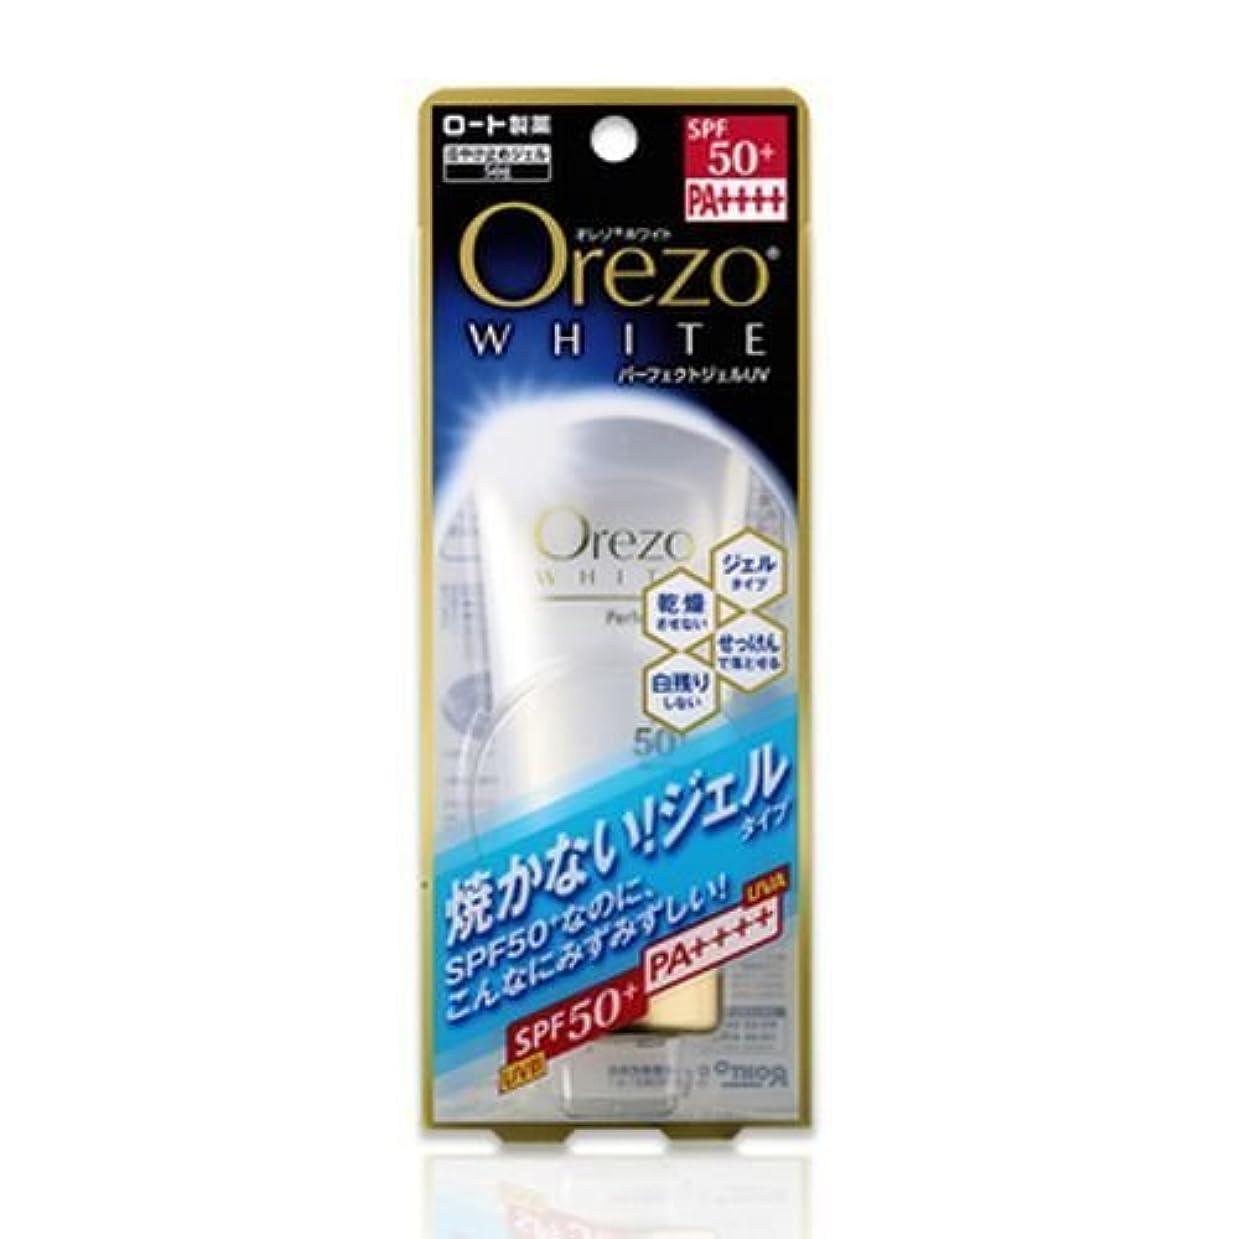 誘発する二次ケーキロート製薬 Orezo オレゾ ホワイト パーフェクトジェルUV 日やけ止めジェル 顔?からだ用 SPF50+ PA…